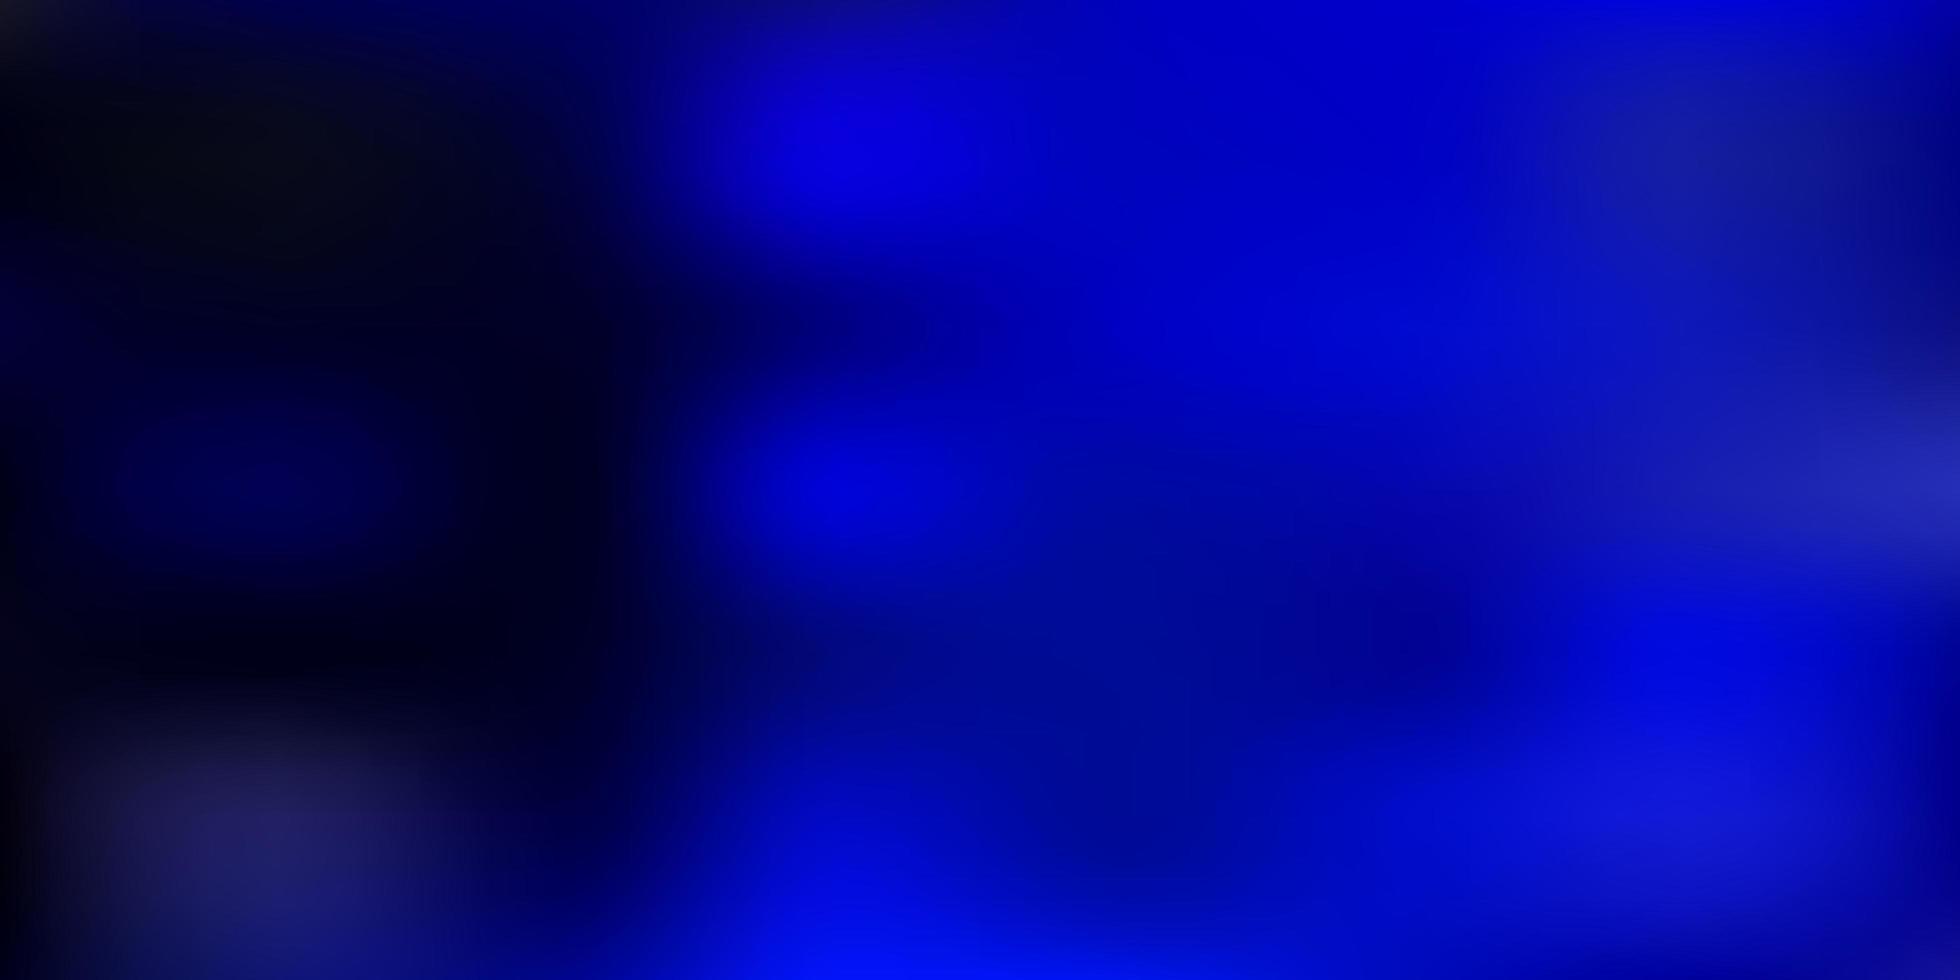 Fondo de desenfoque abstracto de vector azul oscuro.